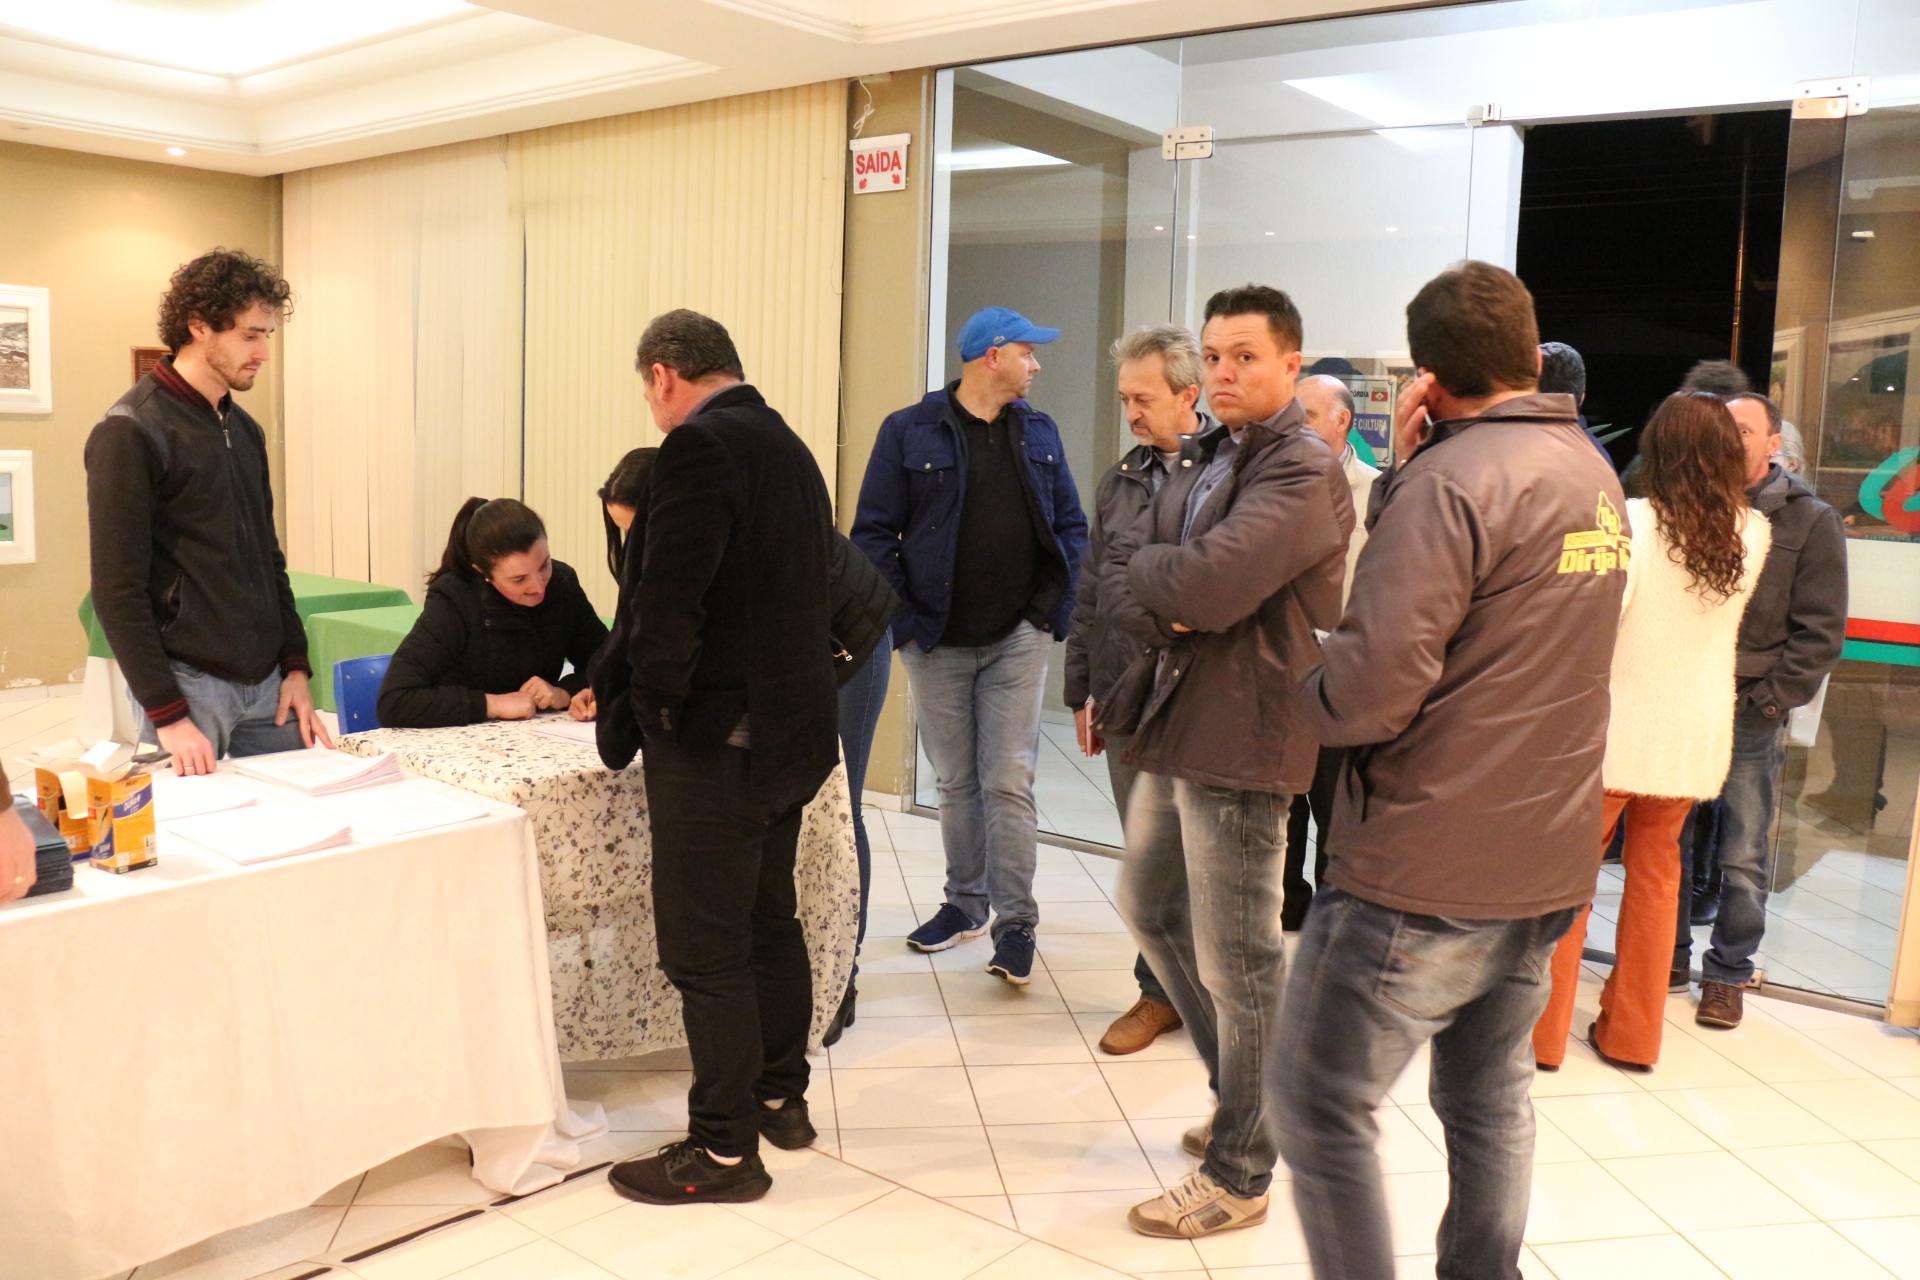 Expositores tiram dúvidas e recebem regulamento da Expo Concórdia